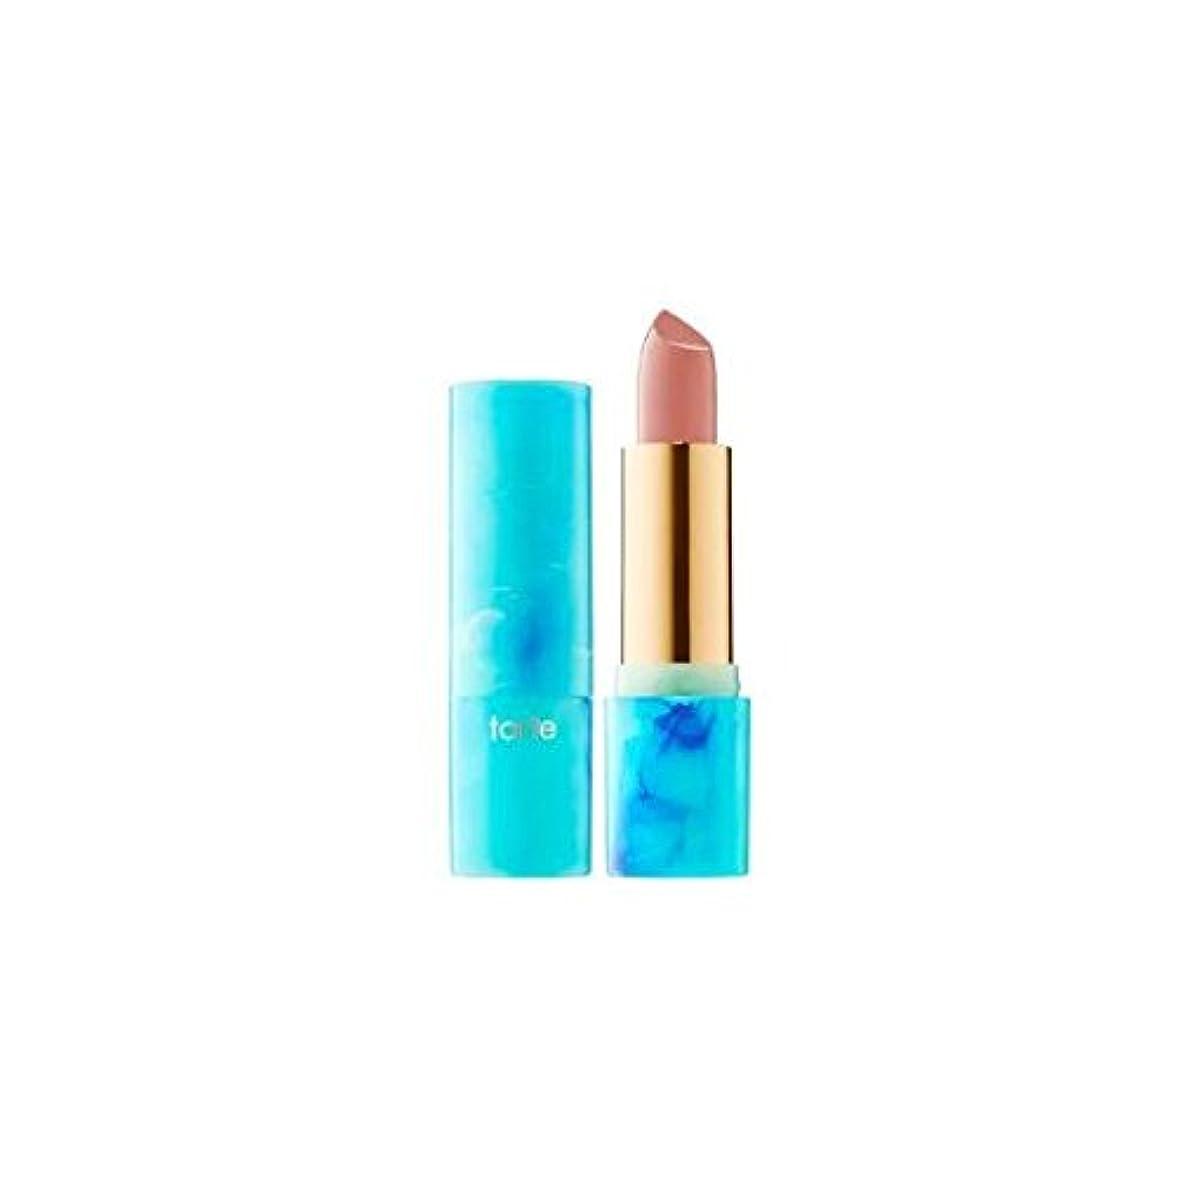 トレード物足りないミッションtarteタルト リップ Color Splash Lipstick - Rainforest of the Sea Collection Satin finish